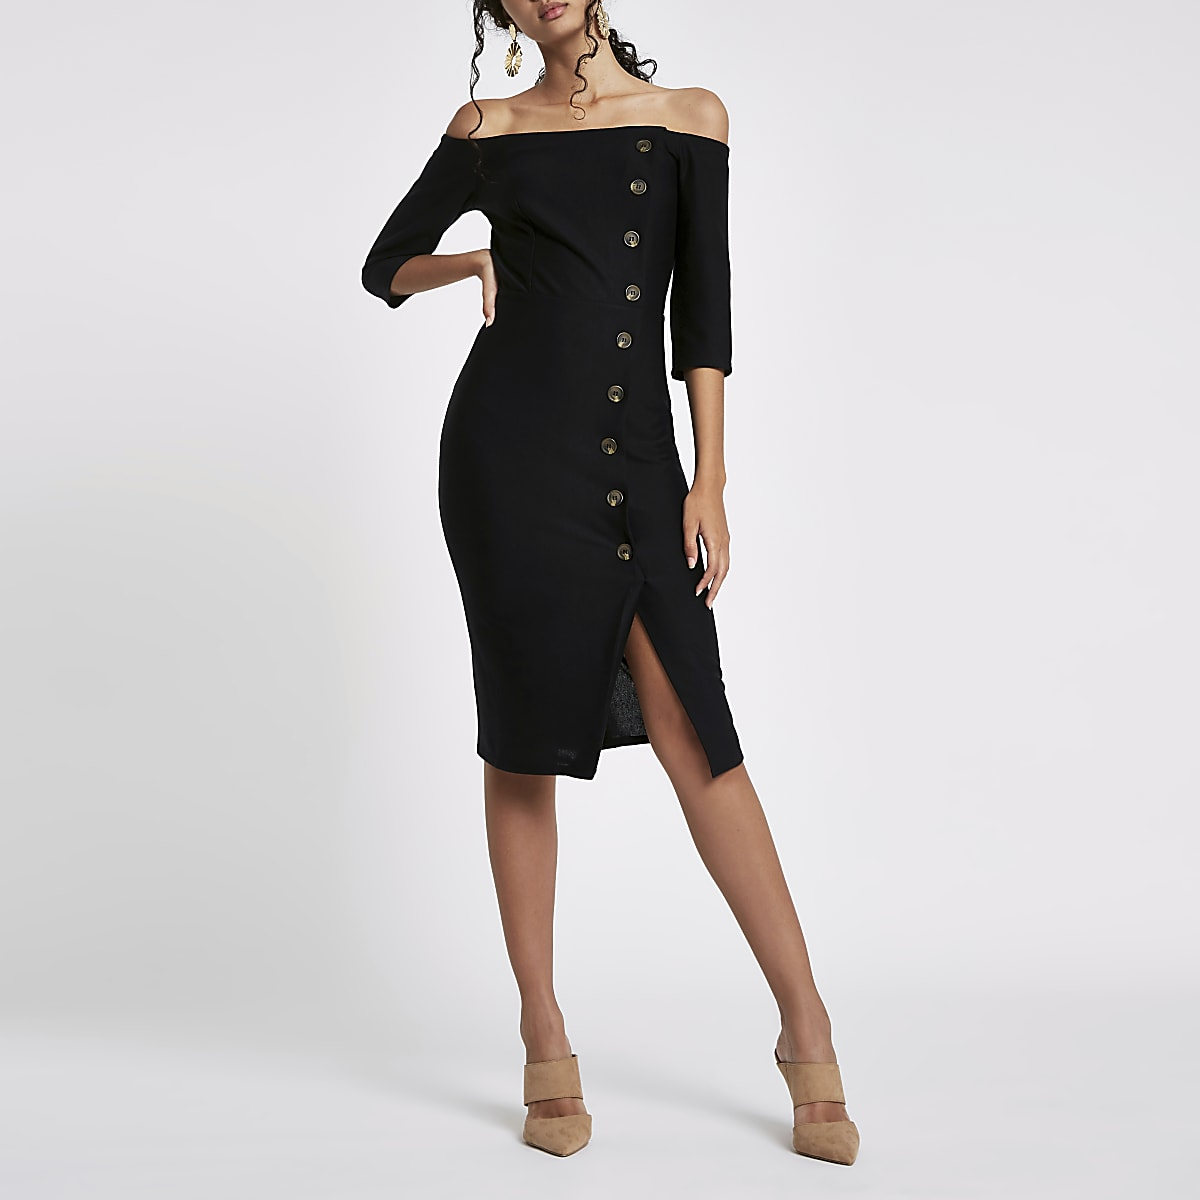 Robe moulante mi-longue Bardot noire boutonnée sur le devant